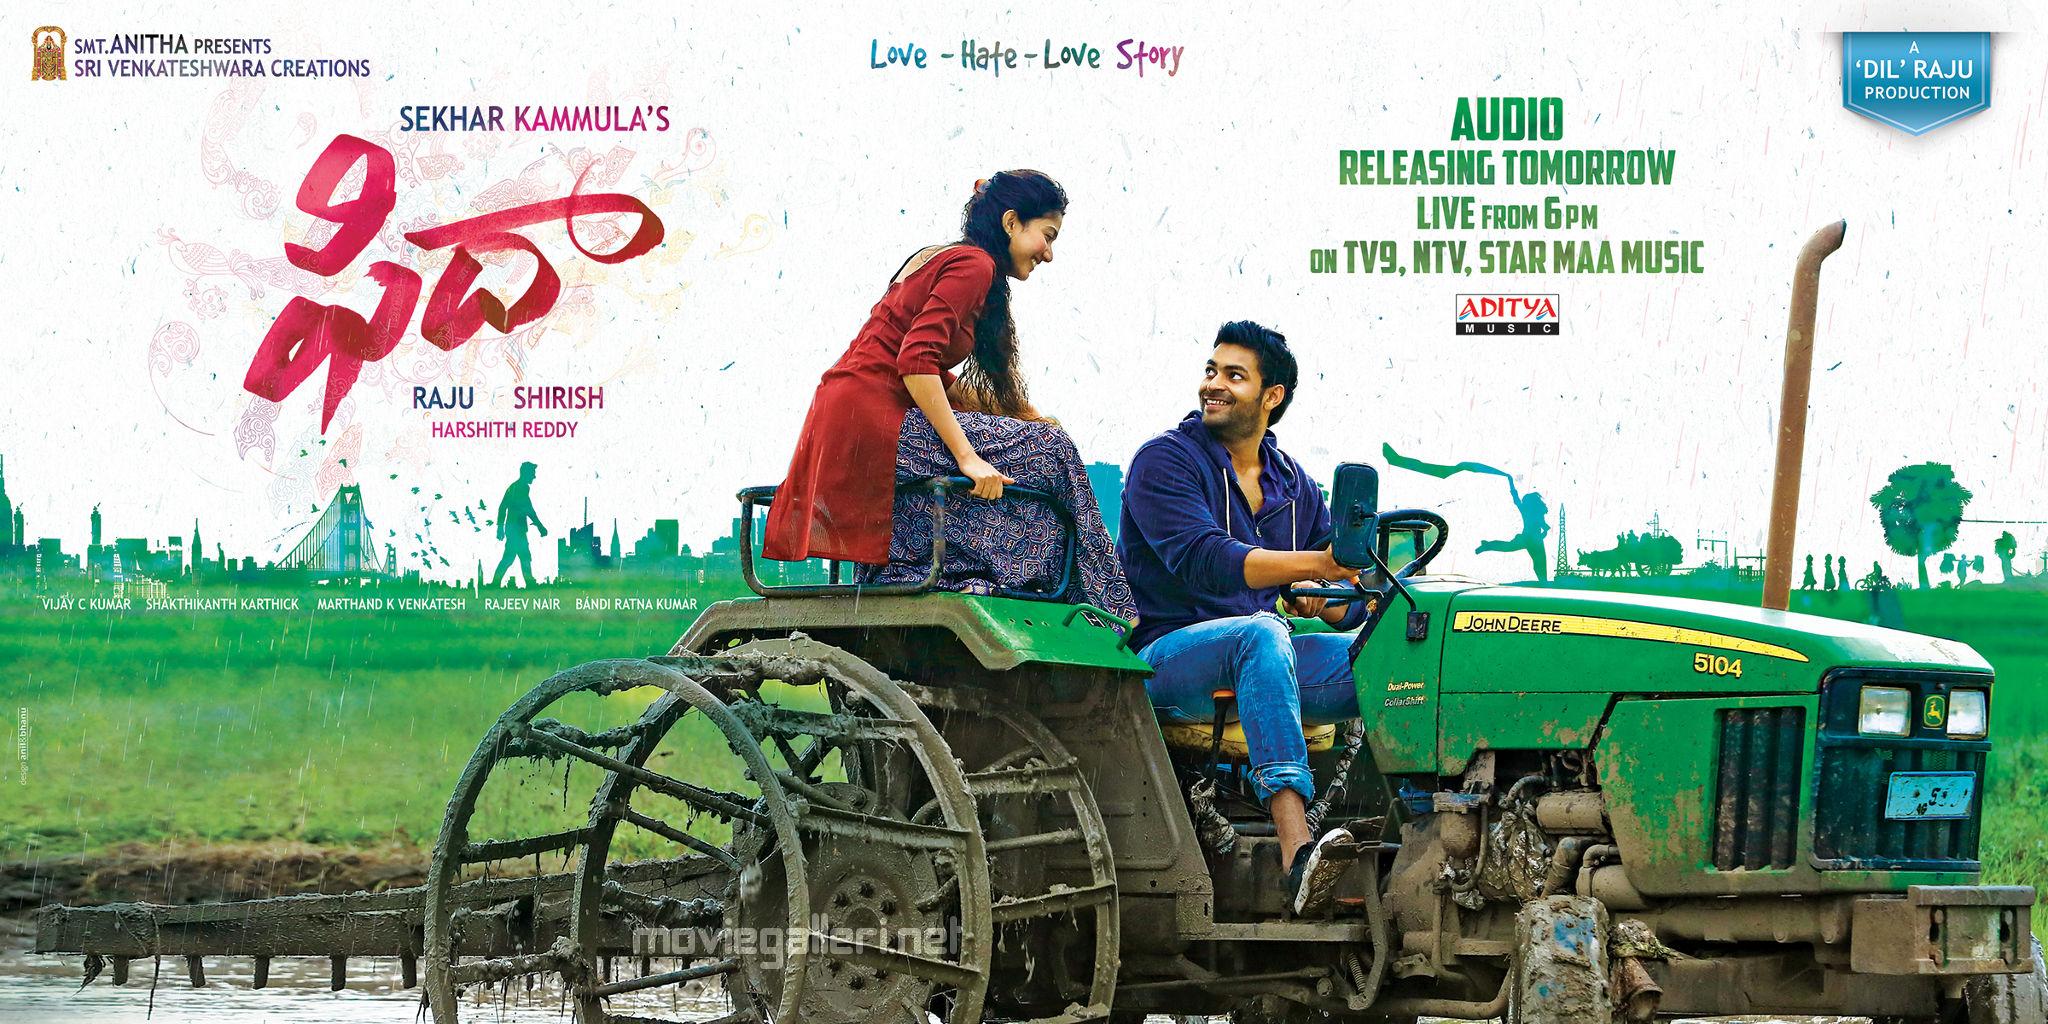 Sai Pallavi Varun Tej Fidaa Movie Audio Releasing Tomorrow Wallpaper